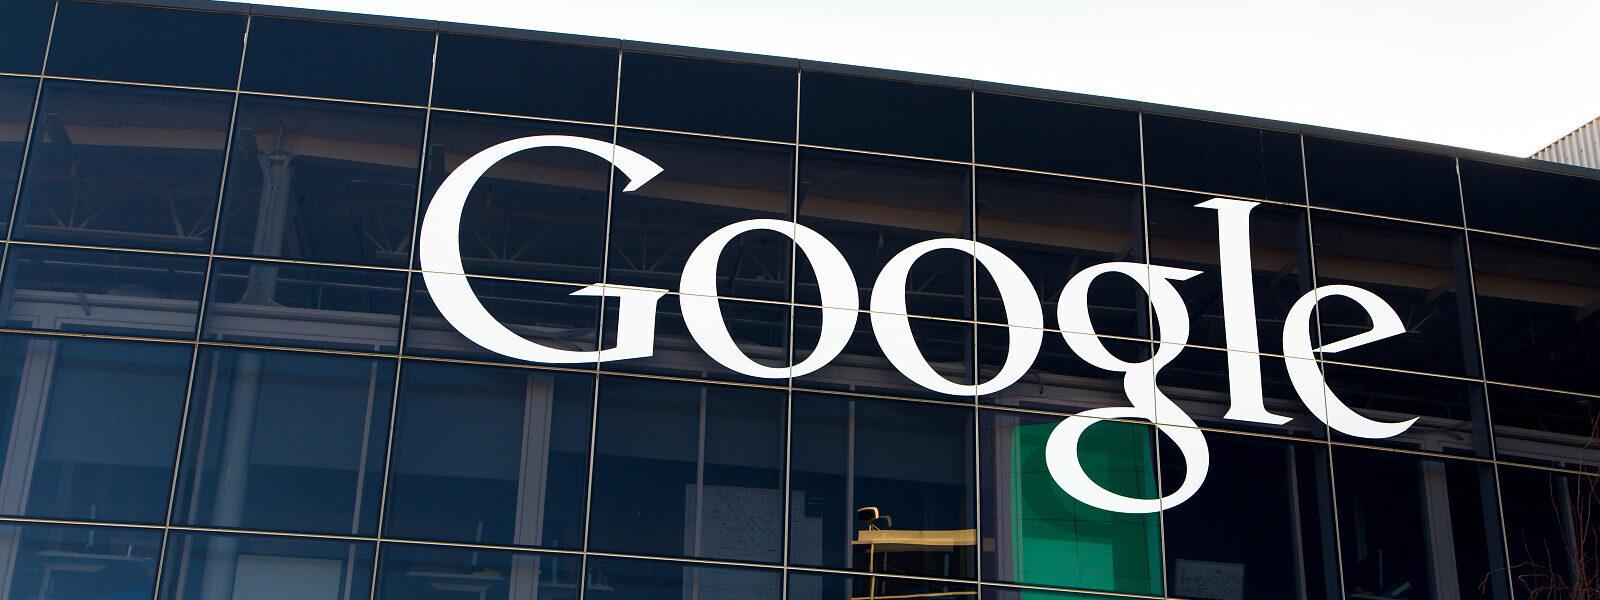 korea-pld.:-zakaz-wymuszania-oplat-przez-google-i-apple-od-tworcow-aplikacji